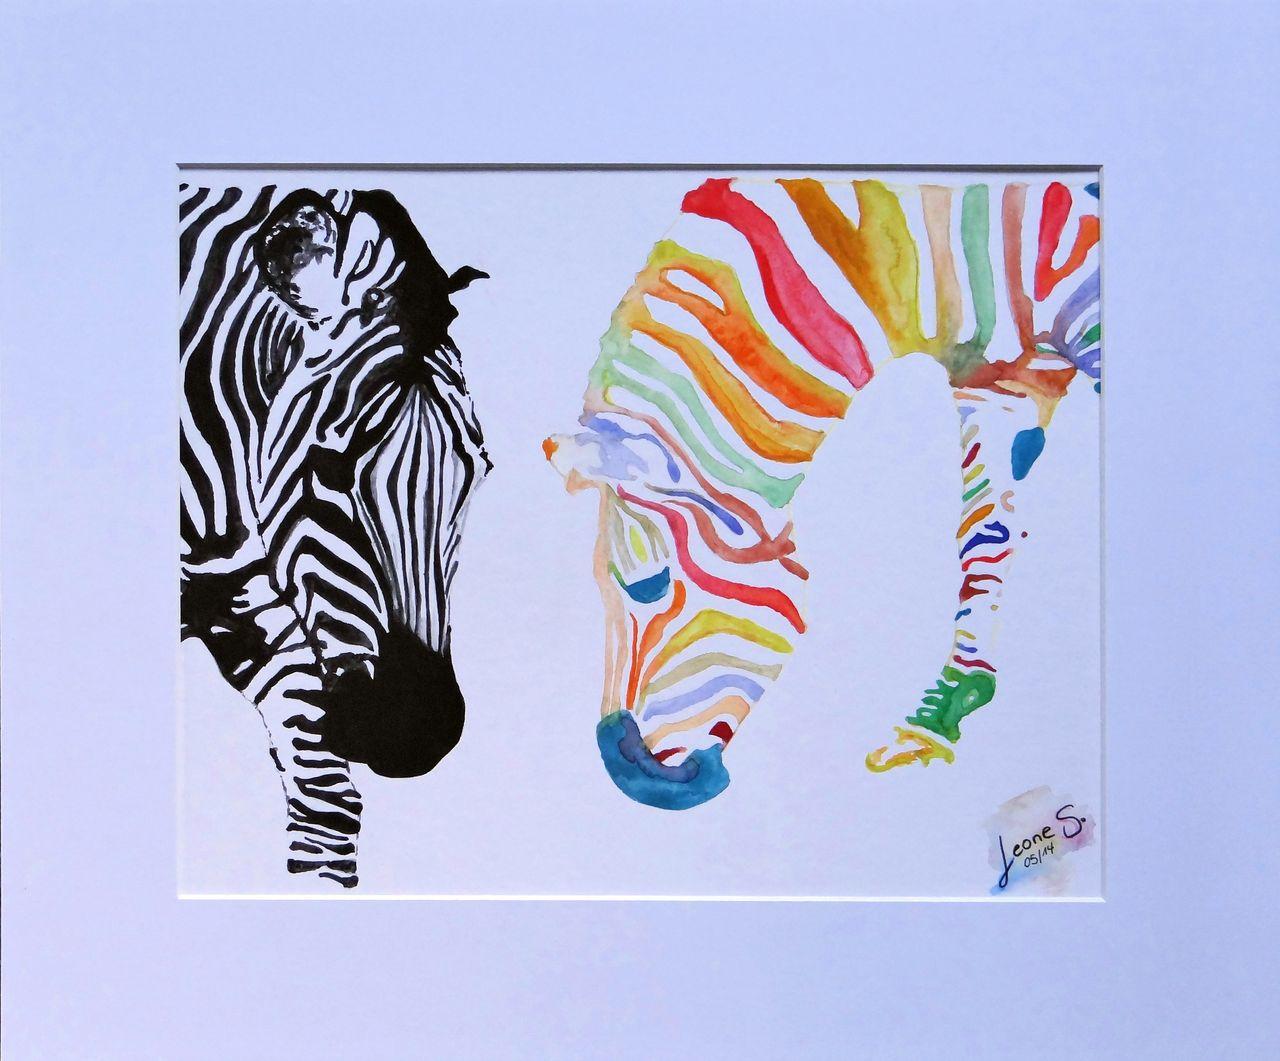 bild zebra bunt geschenk geburtstag von stefanie leone bei kunstnet. Black Bedroom Furniture Sets. Home Design Ideas